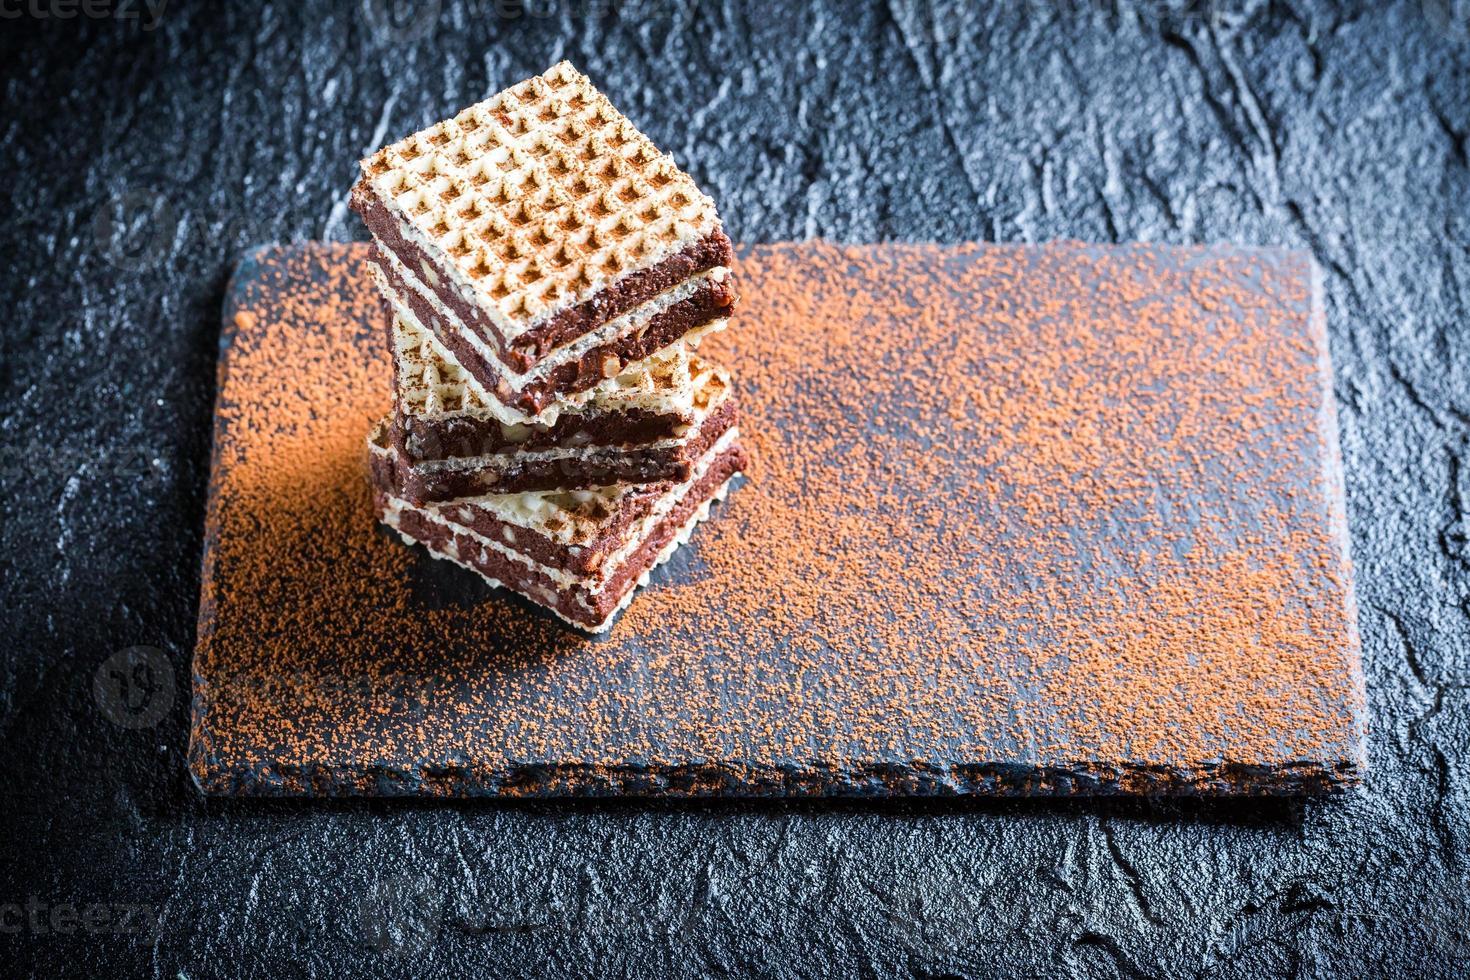 zelfgemaakte wafels met chocolade en hazelnoot op stenen plaat foto